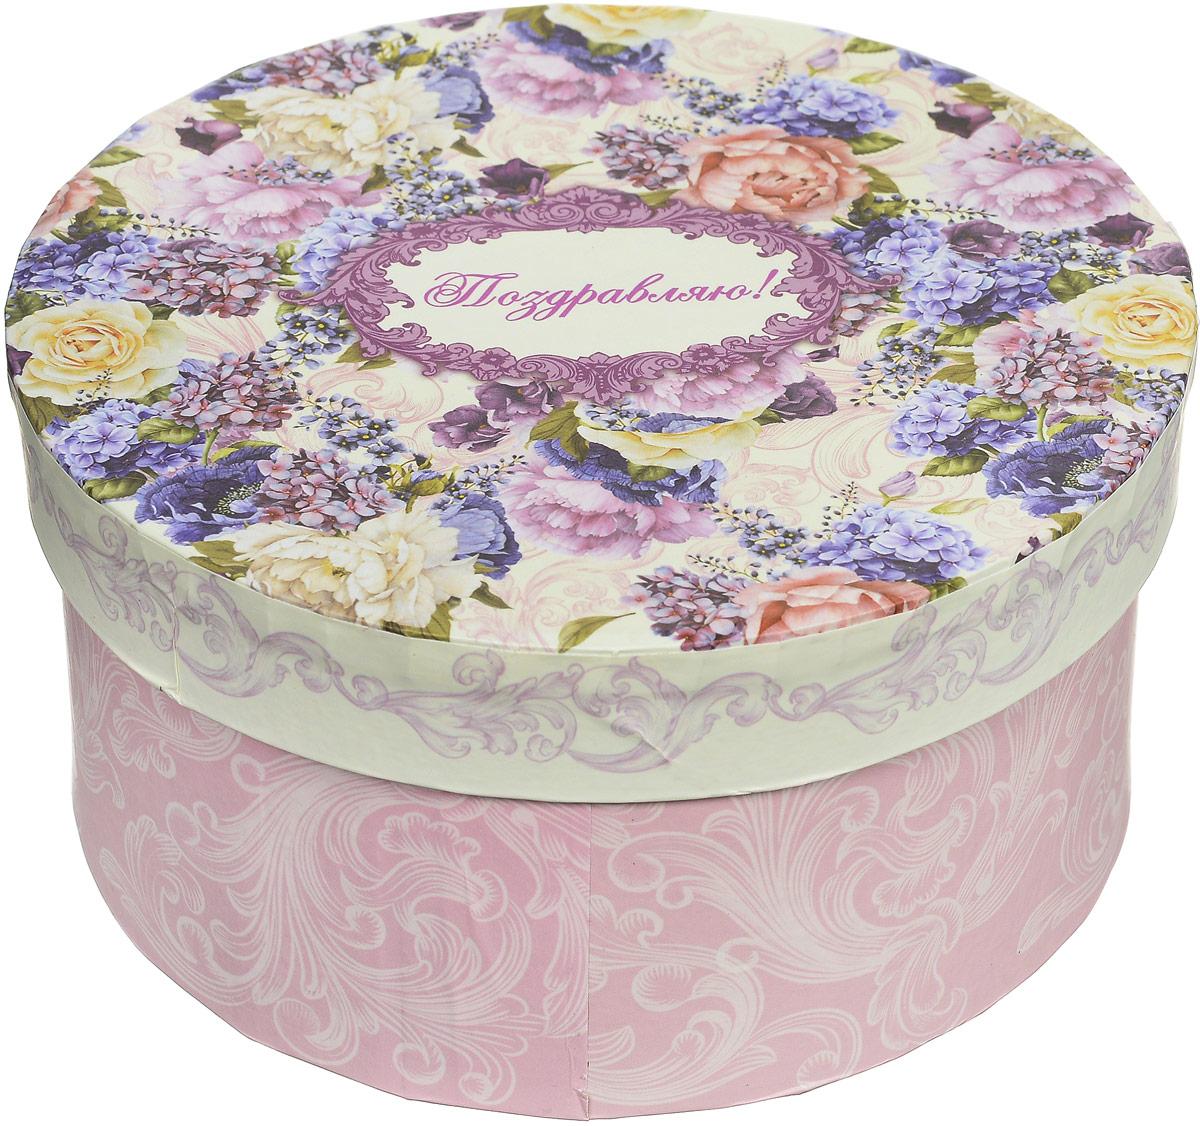 Коробка подарочная Magic Home Лиловые букеты, круглая, 14 х 14 х 7 смC0038550Подарочная коробка Magic Home Лиловые букеты, выполнена из мелованного ламинированного картона. Коробочка оформлена оригинальным цветочным рисунком. Изделие имеет круглую форму и закрывается крышкой с надписью Поздравляю!. Подарочная коробка - это наилучшее решение, если вы хотите порадовать близких людей и создать праздничное настроение, ведь подарок, преподнесенный в оригинальной упаковке, всегда будет самым эффектным и запоминающимся. Окружите близких людей вниманием и заботой, вручив презент в нарядном, праздничном оформлении.Плотность картона: 1100 г/м2.